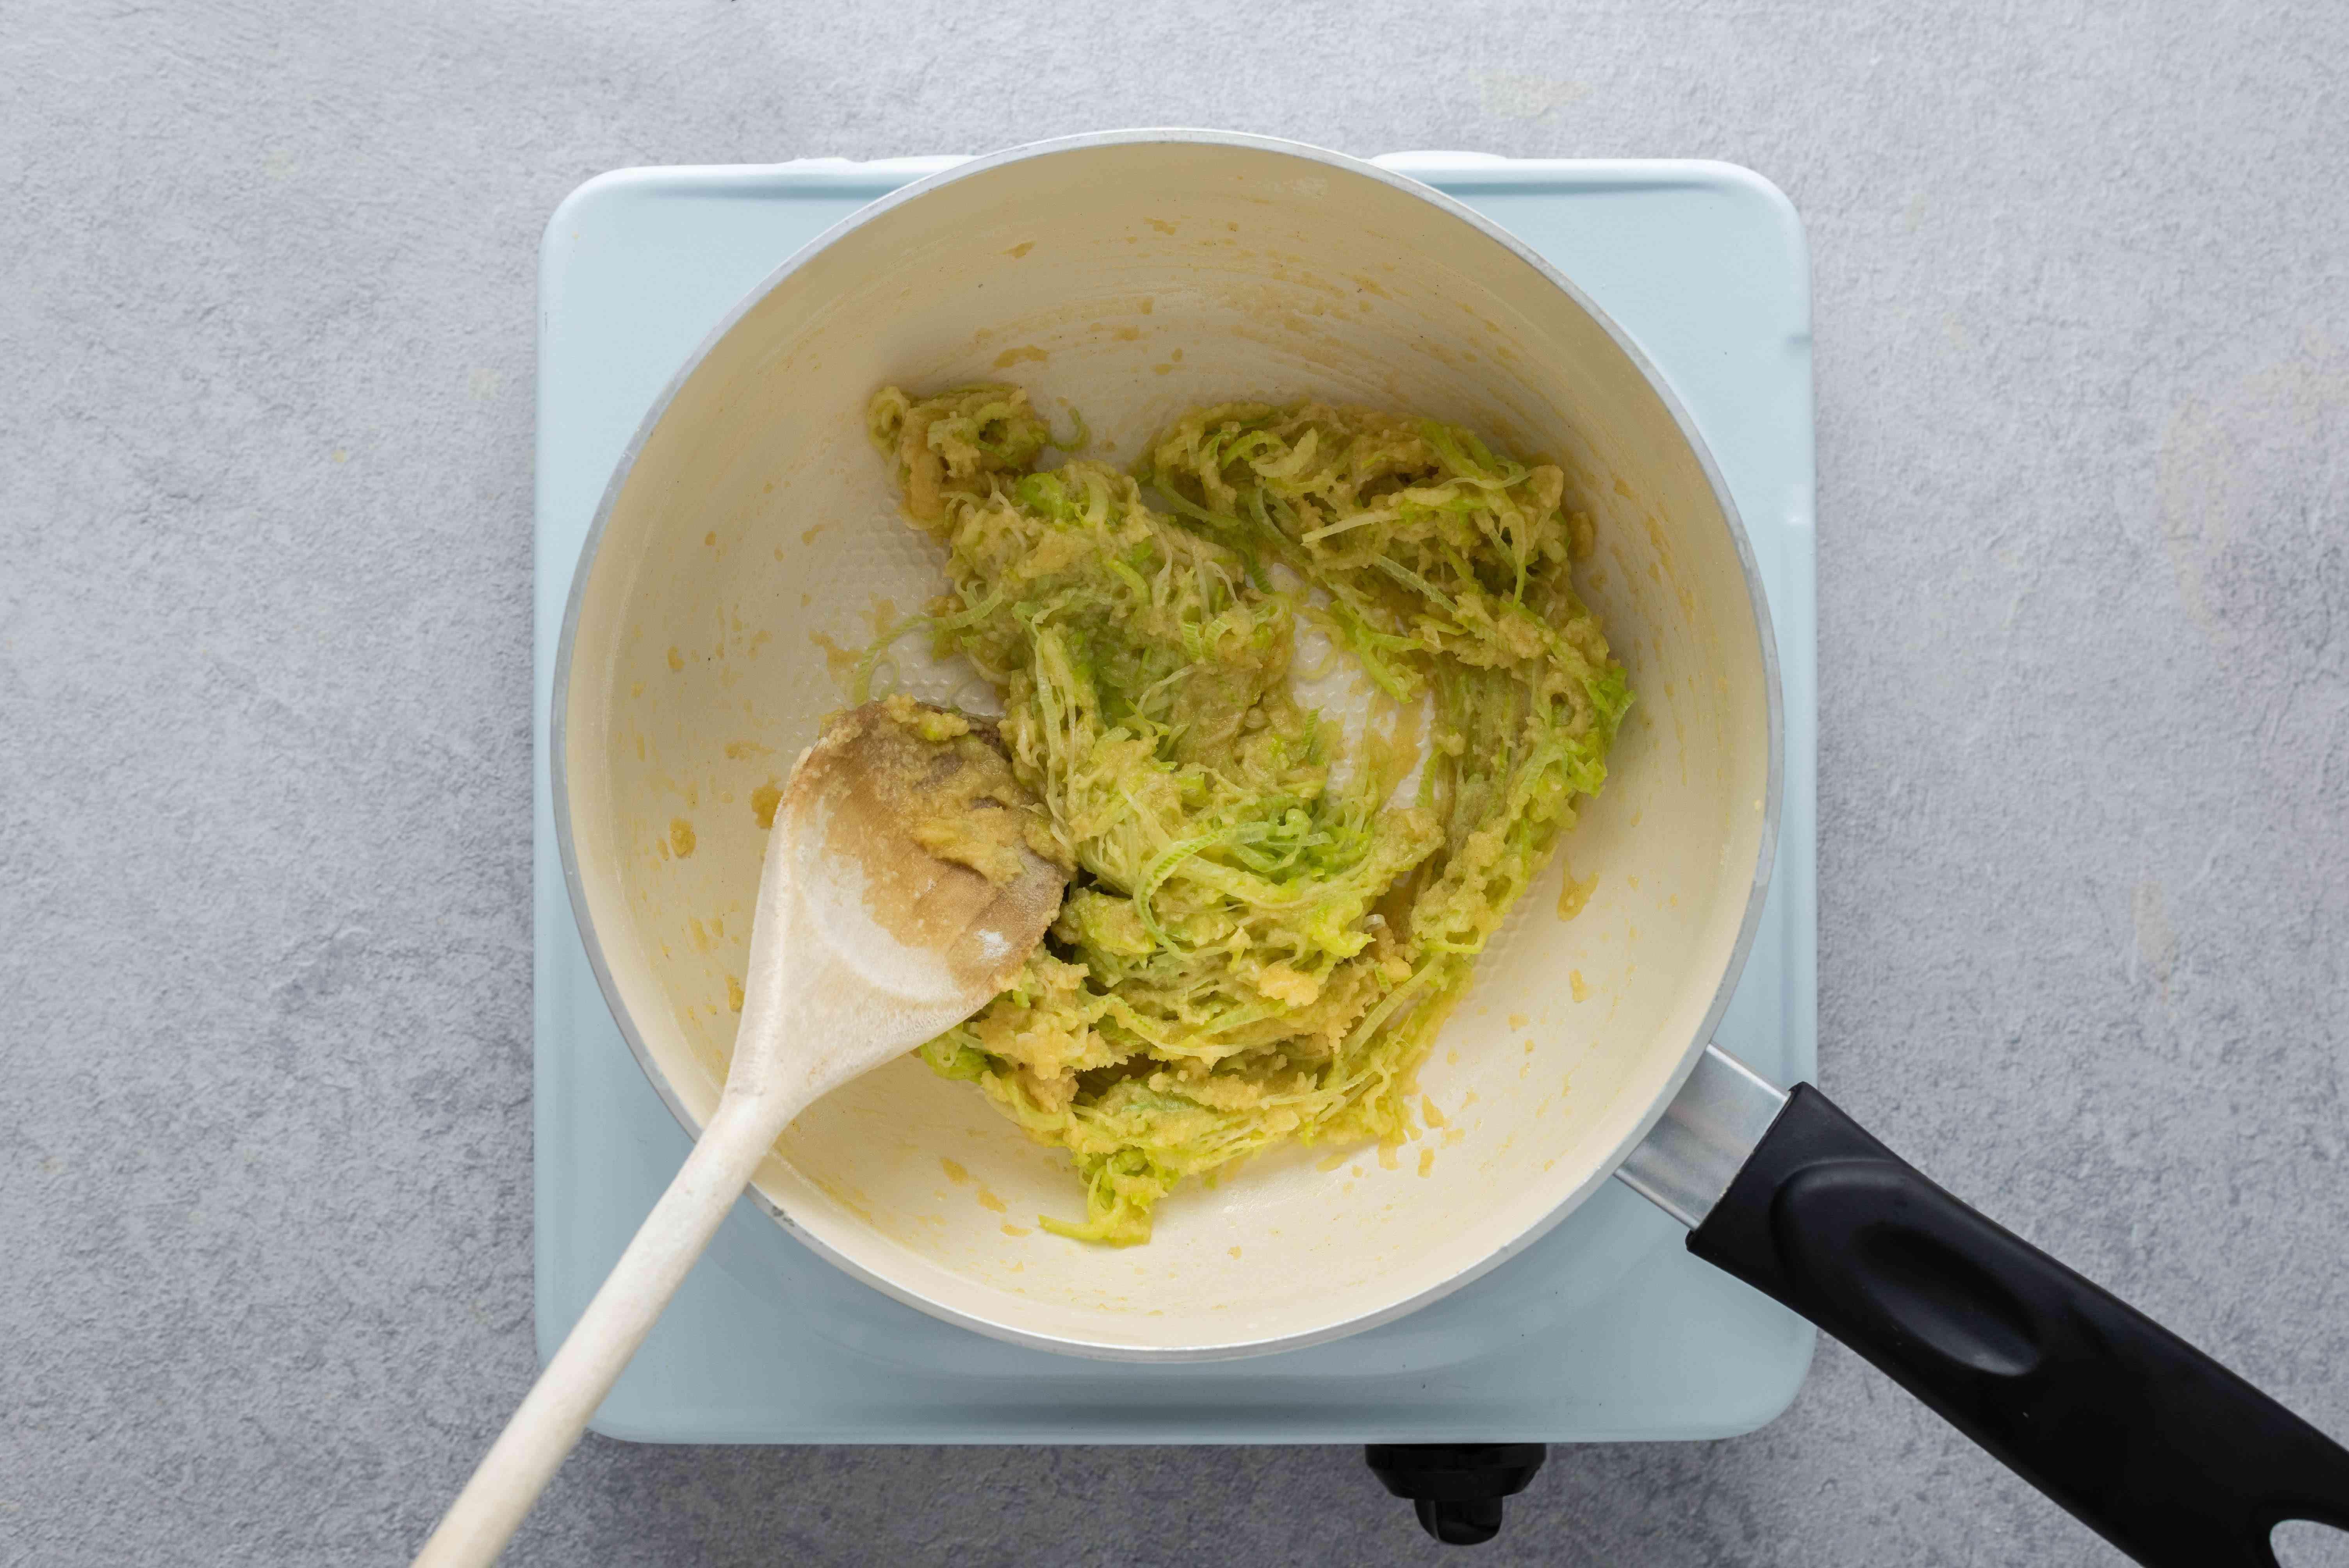 Flour and leek mixture in a saucepan